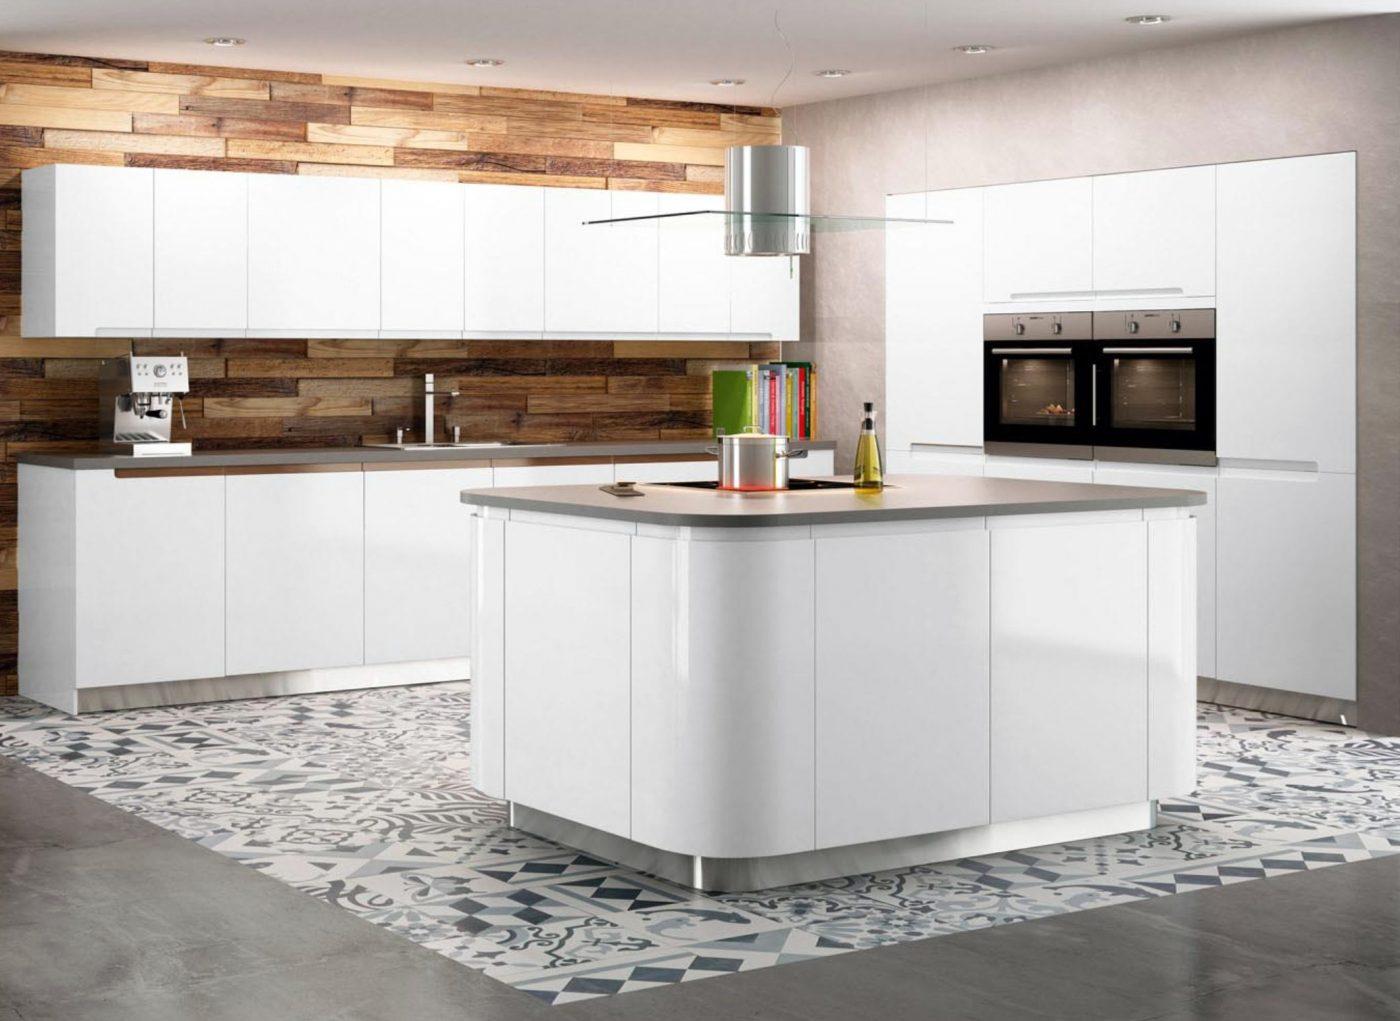 Nuevas texturas, colores y pátinas en las puertas de cocina de PORTASUR